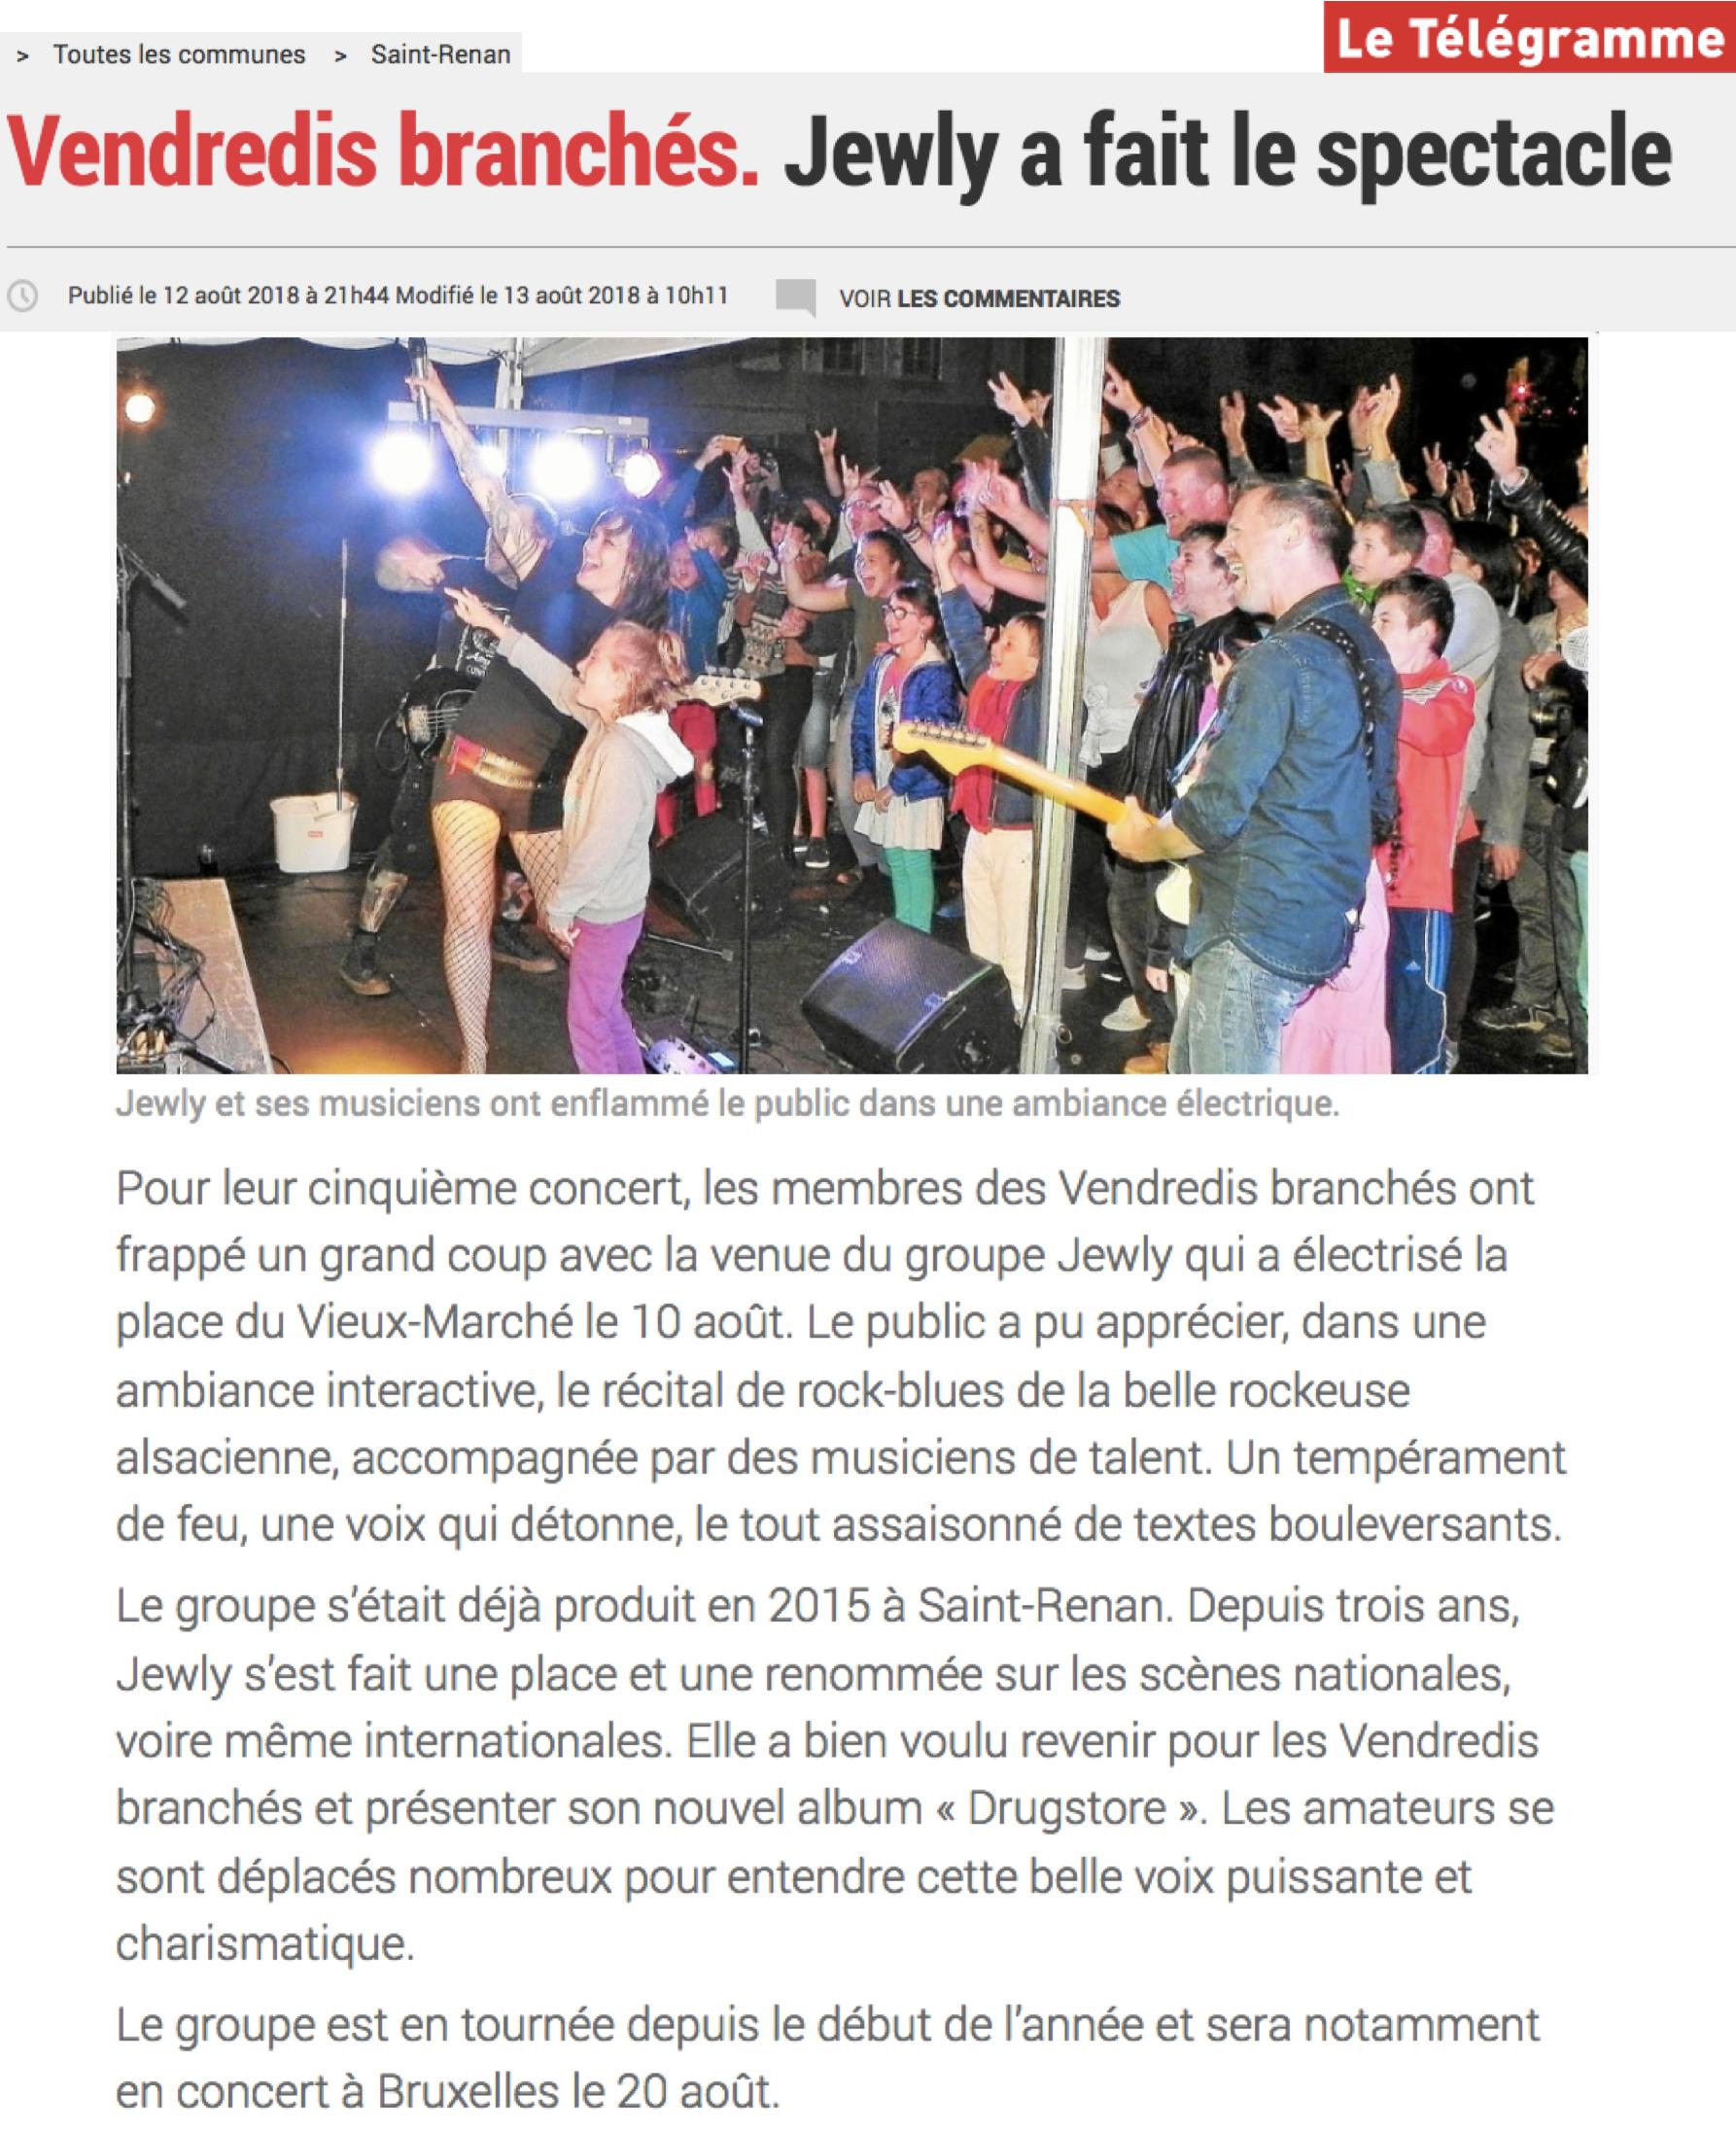 Le Télégramme - 13/08/18